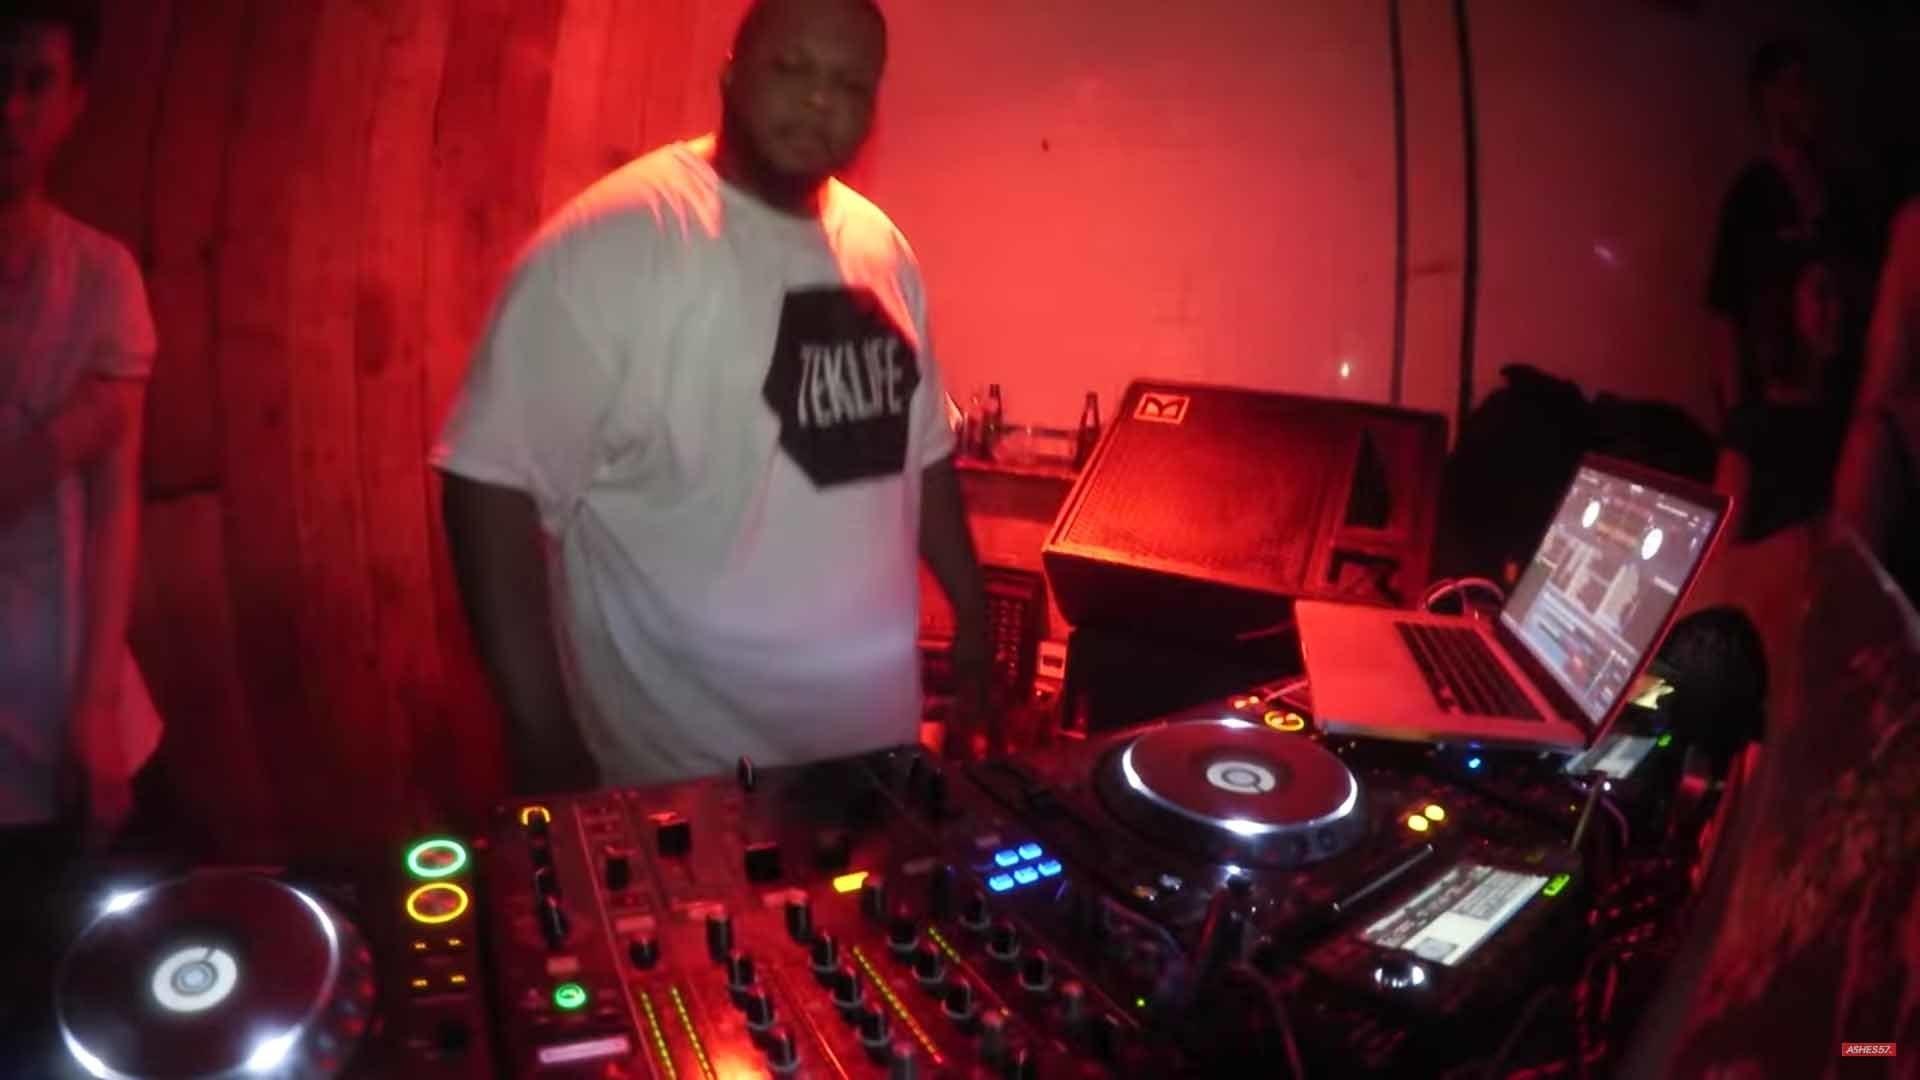 Mira a Kode9, DJ Earl, y al equipo de Teklife en una hora de fiesta y footwork